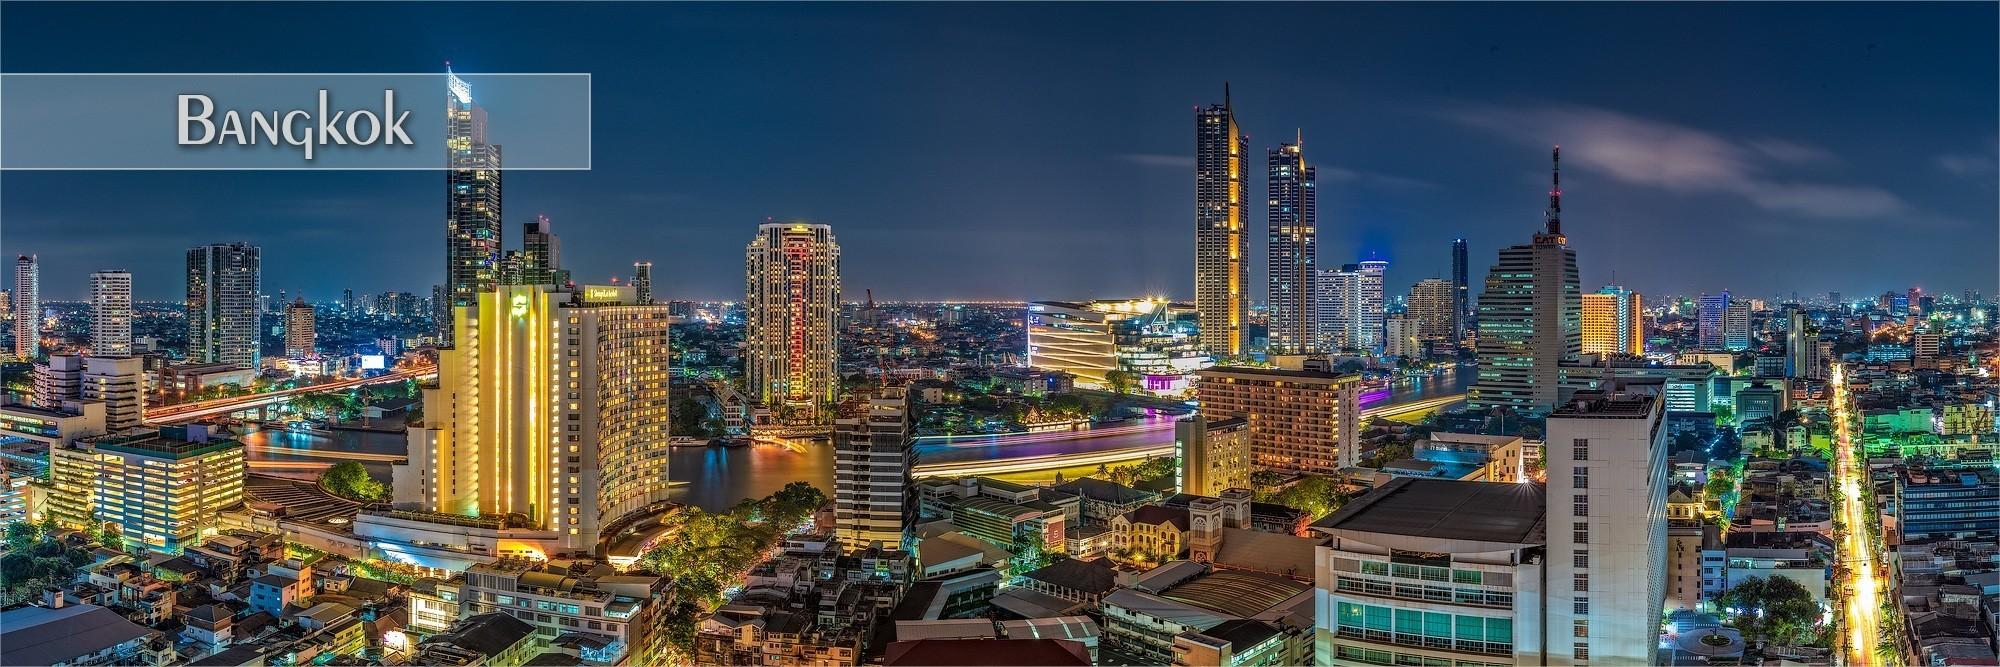 Bilder von Bangkok als Wanddeko oder Küchenrückwand